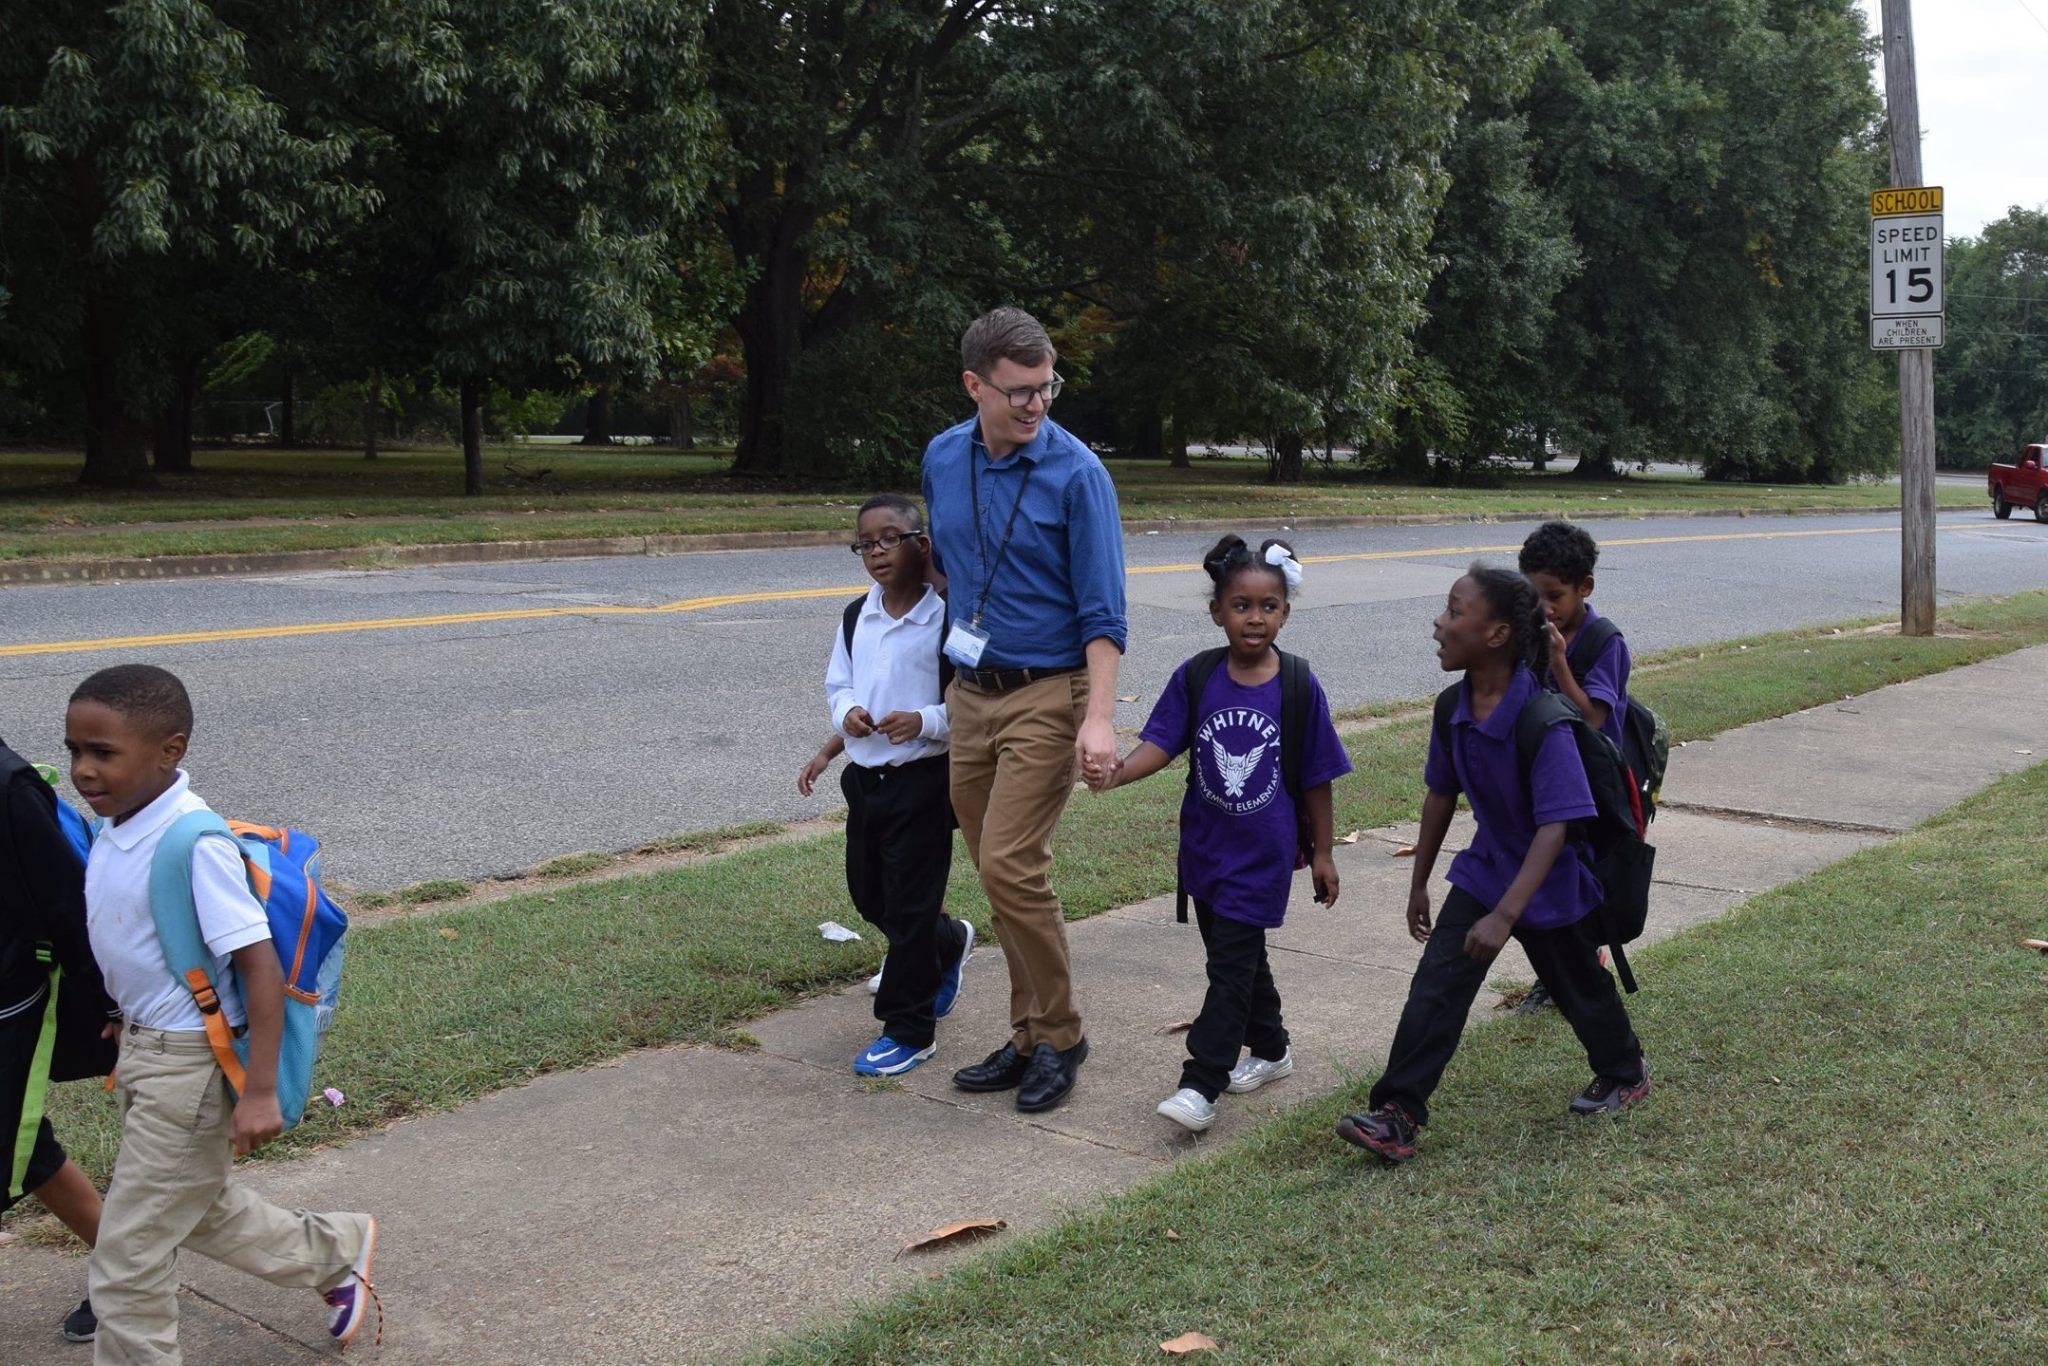 Após a aula, este professor leva seus estudantes em segurança para suas casas 2